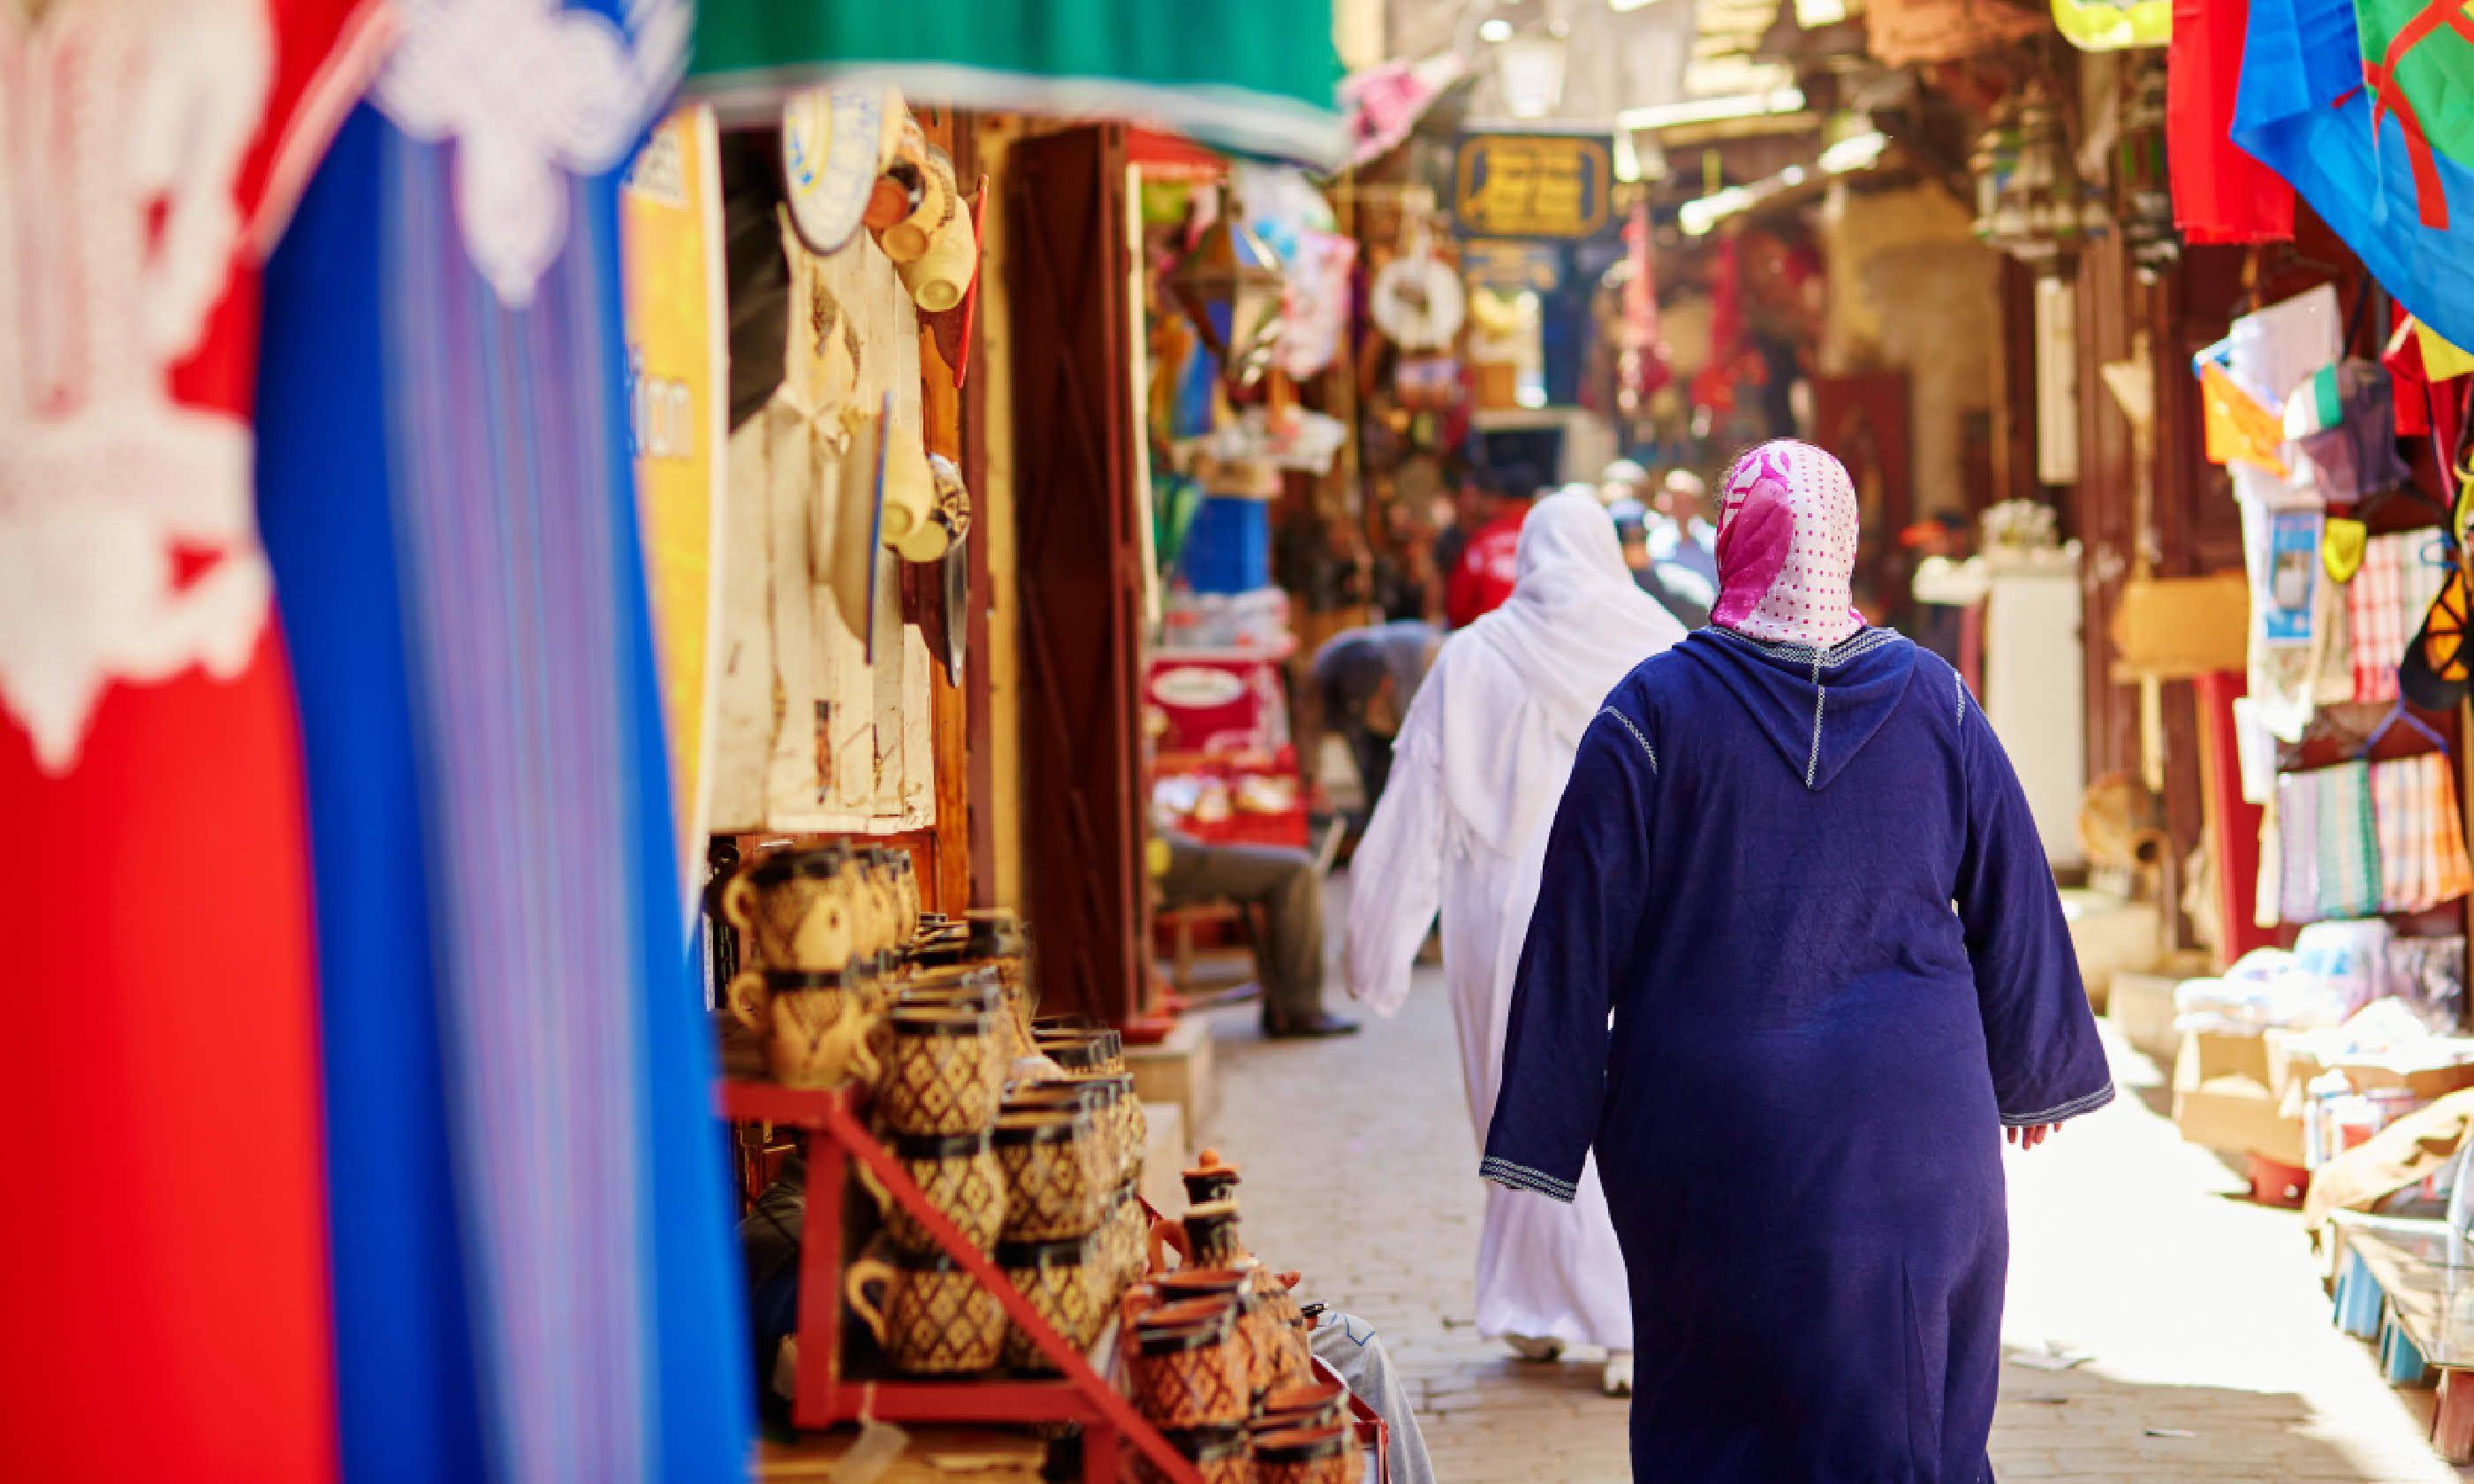 Souk in Fes, Morocco (Shutterstock)